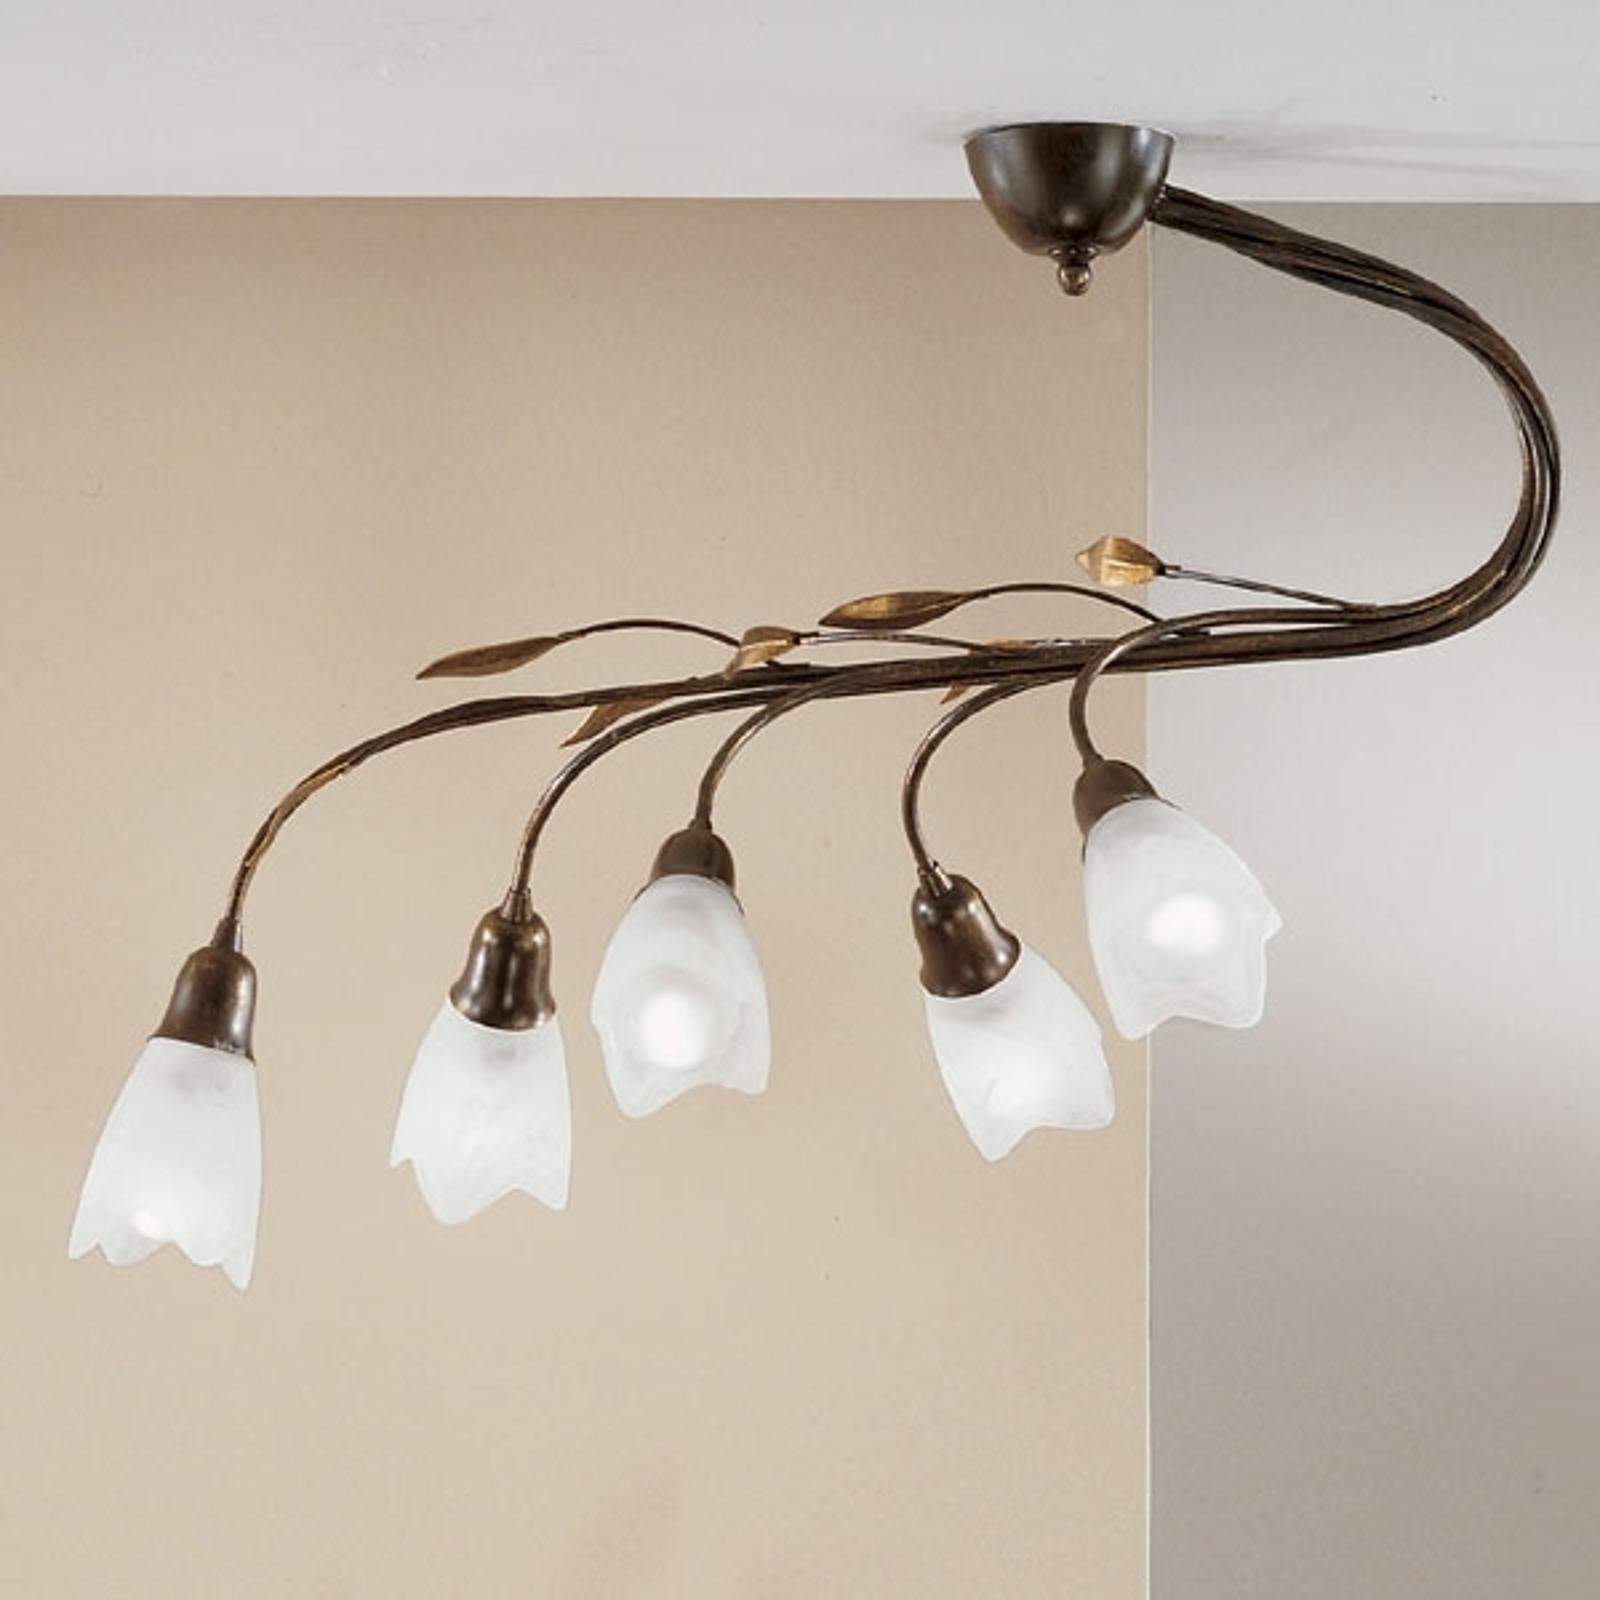 Lampa sufitowa Campana, 5-punktowa, prosta